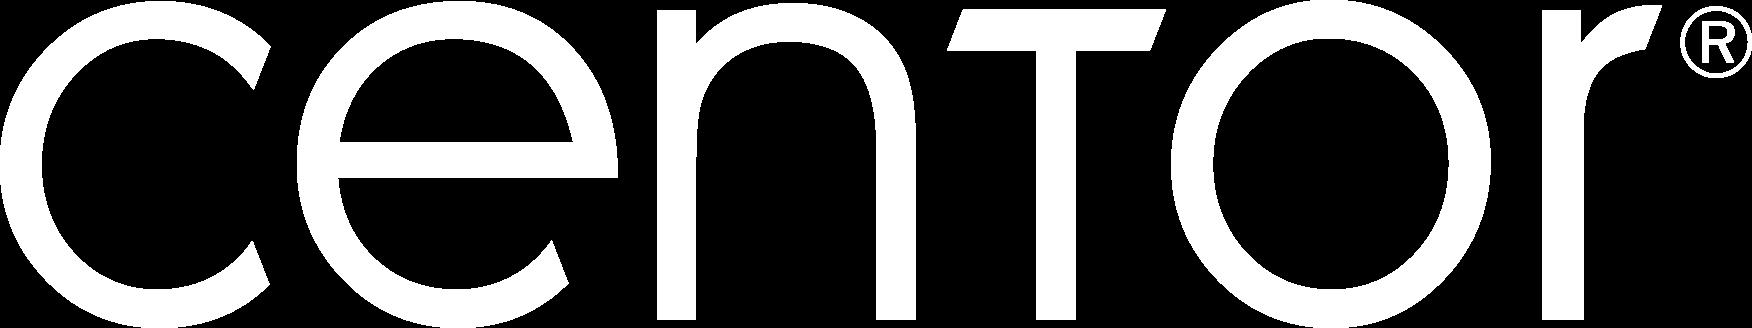 centor logo